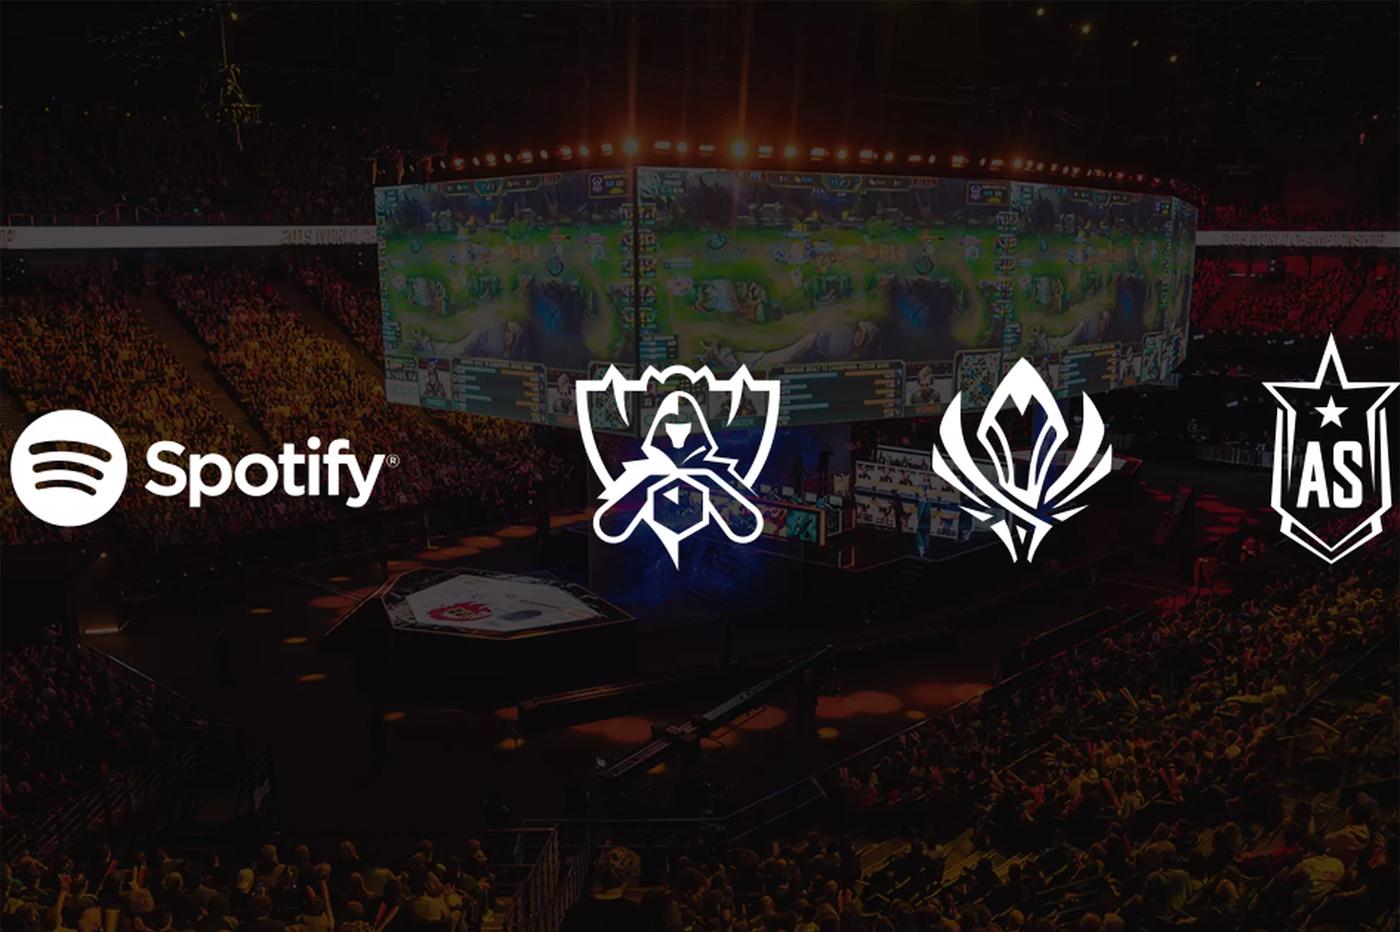 Partenariat League of Legends et Spotify